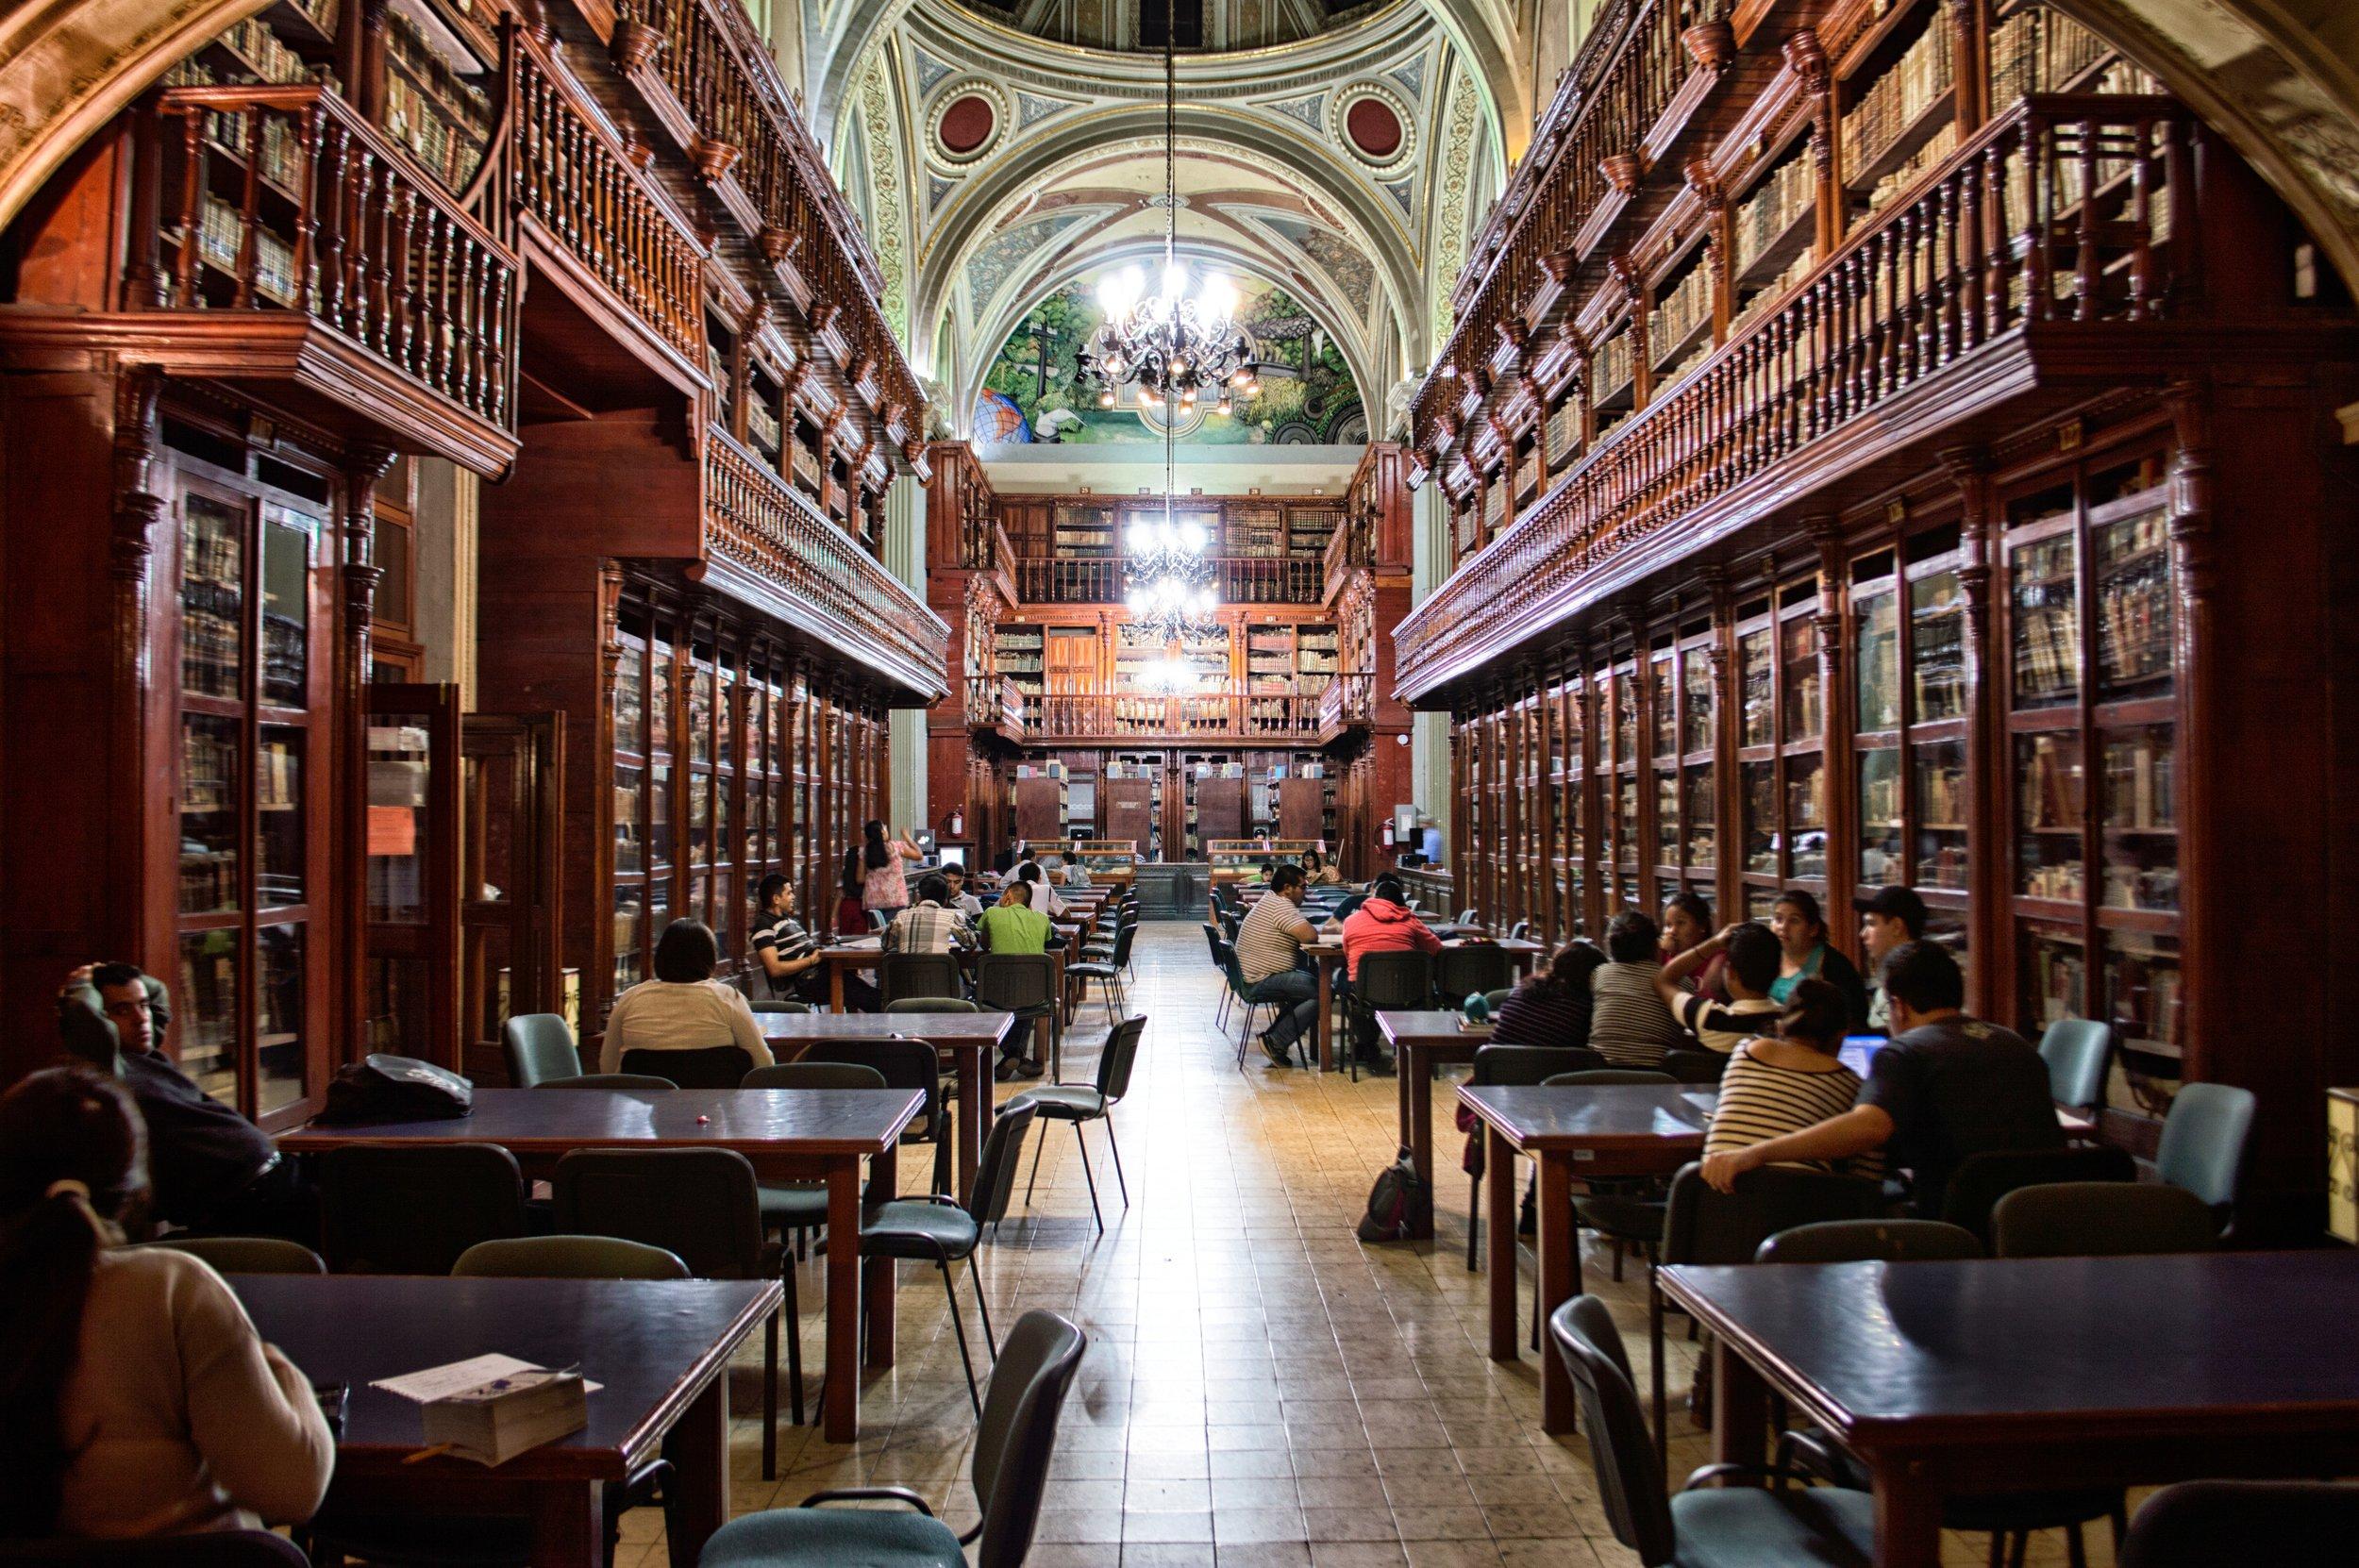 architecture-bookcase-books-757855.jpg